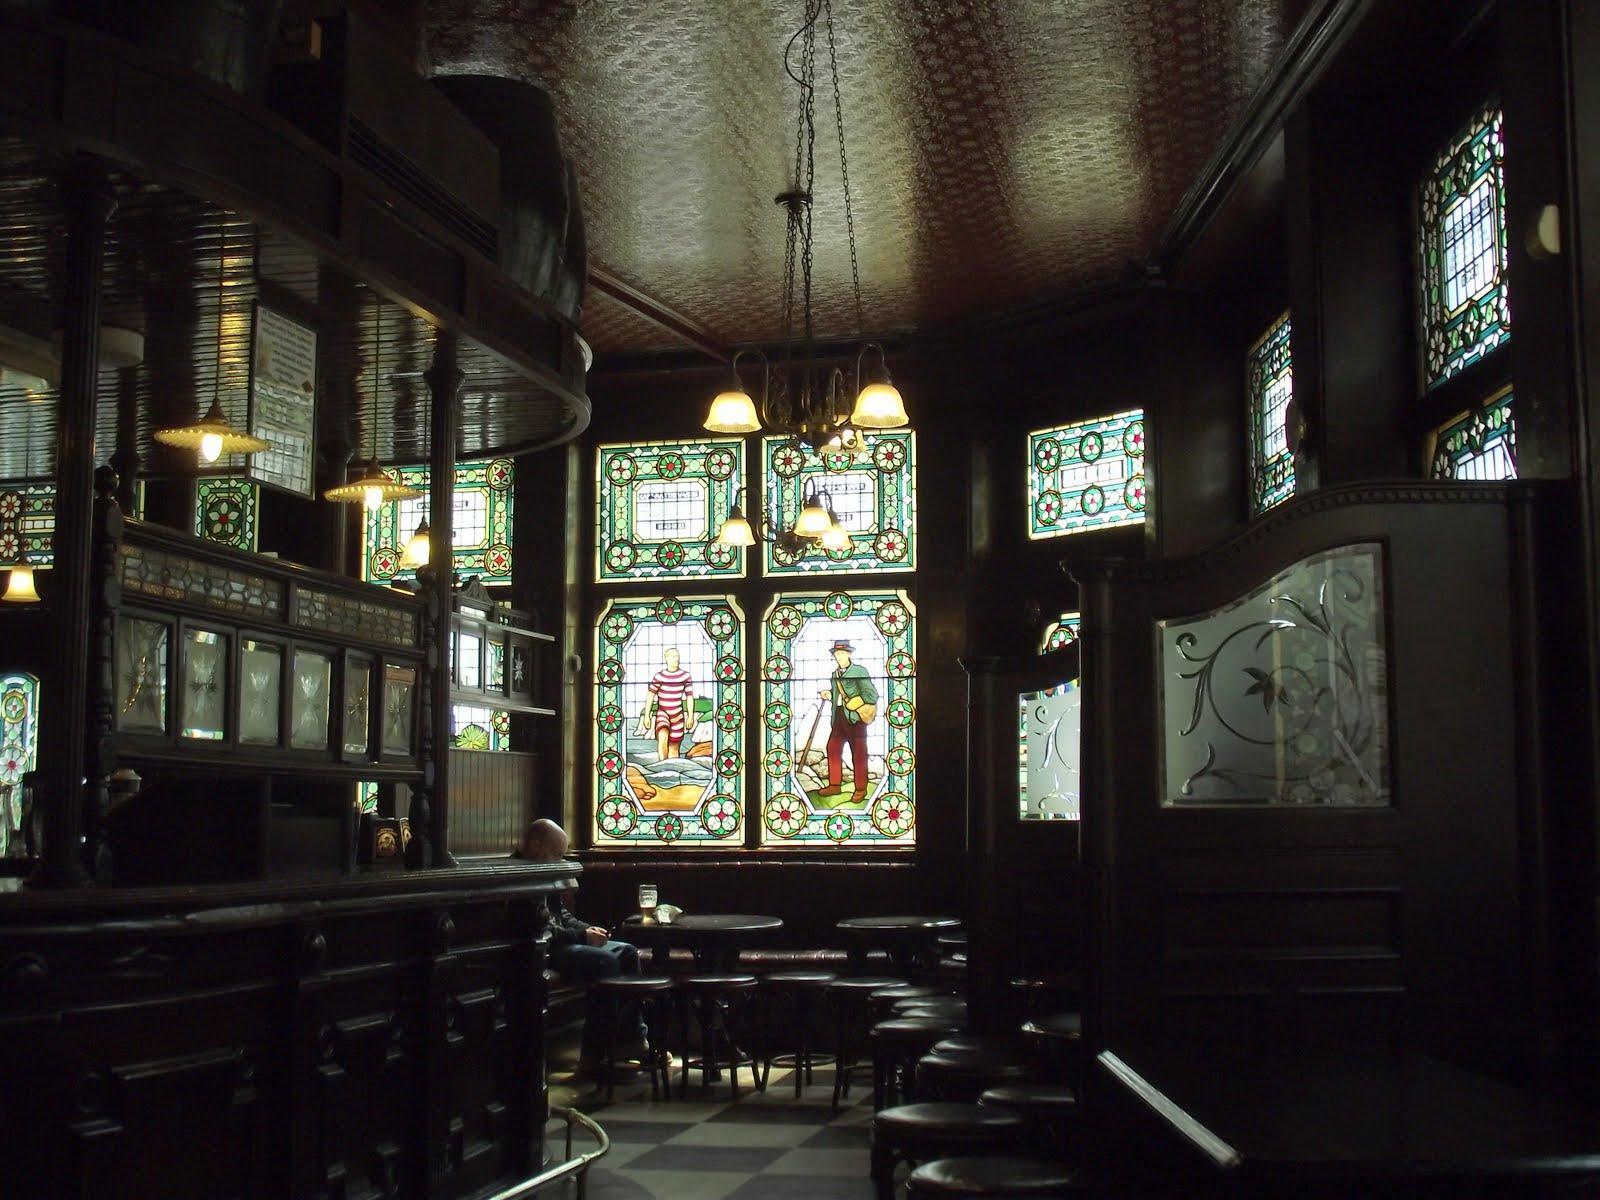 The Champion pub Fitzrovia interior